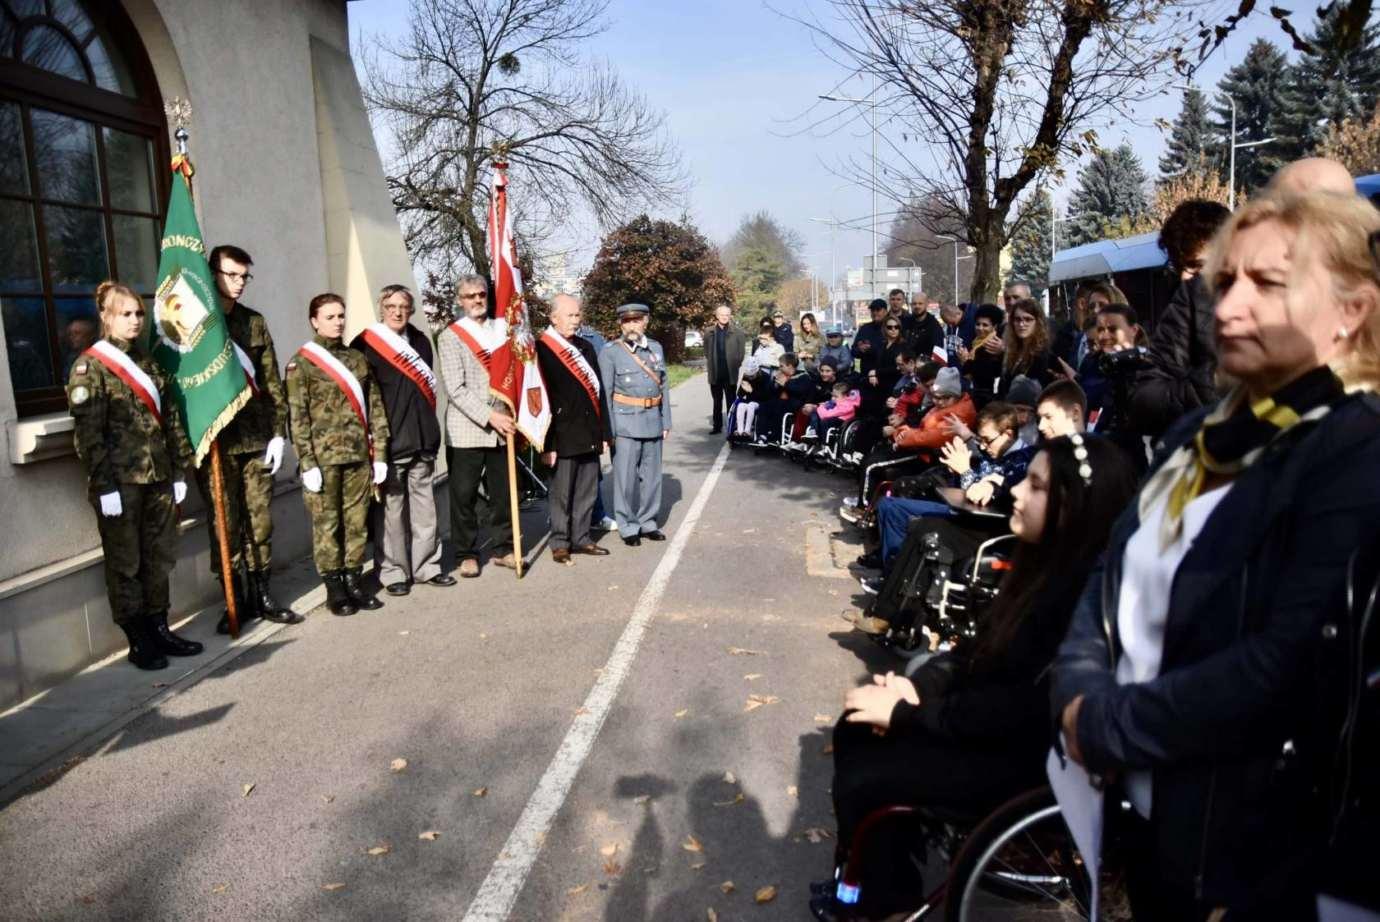 dsc 9461 Zamość: Obchody Narodowego Święta Węgier [ZDJĘCIA, FILM]